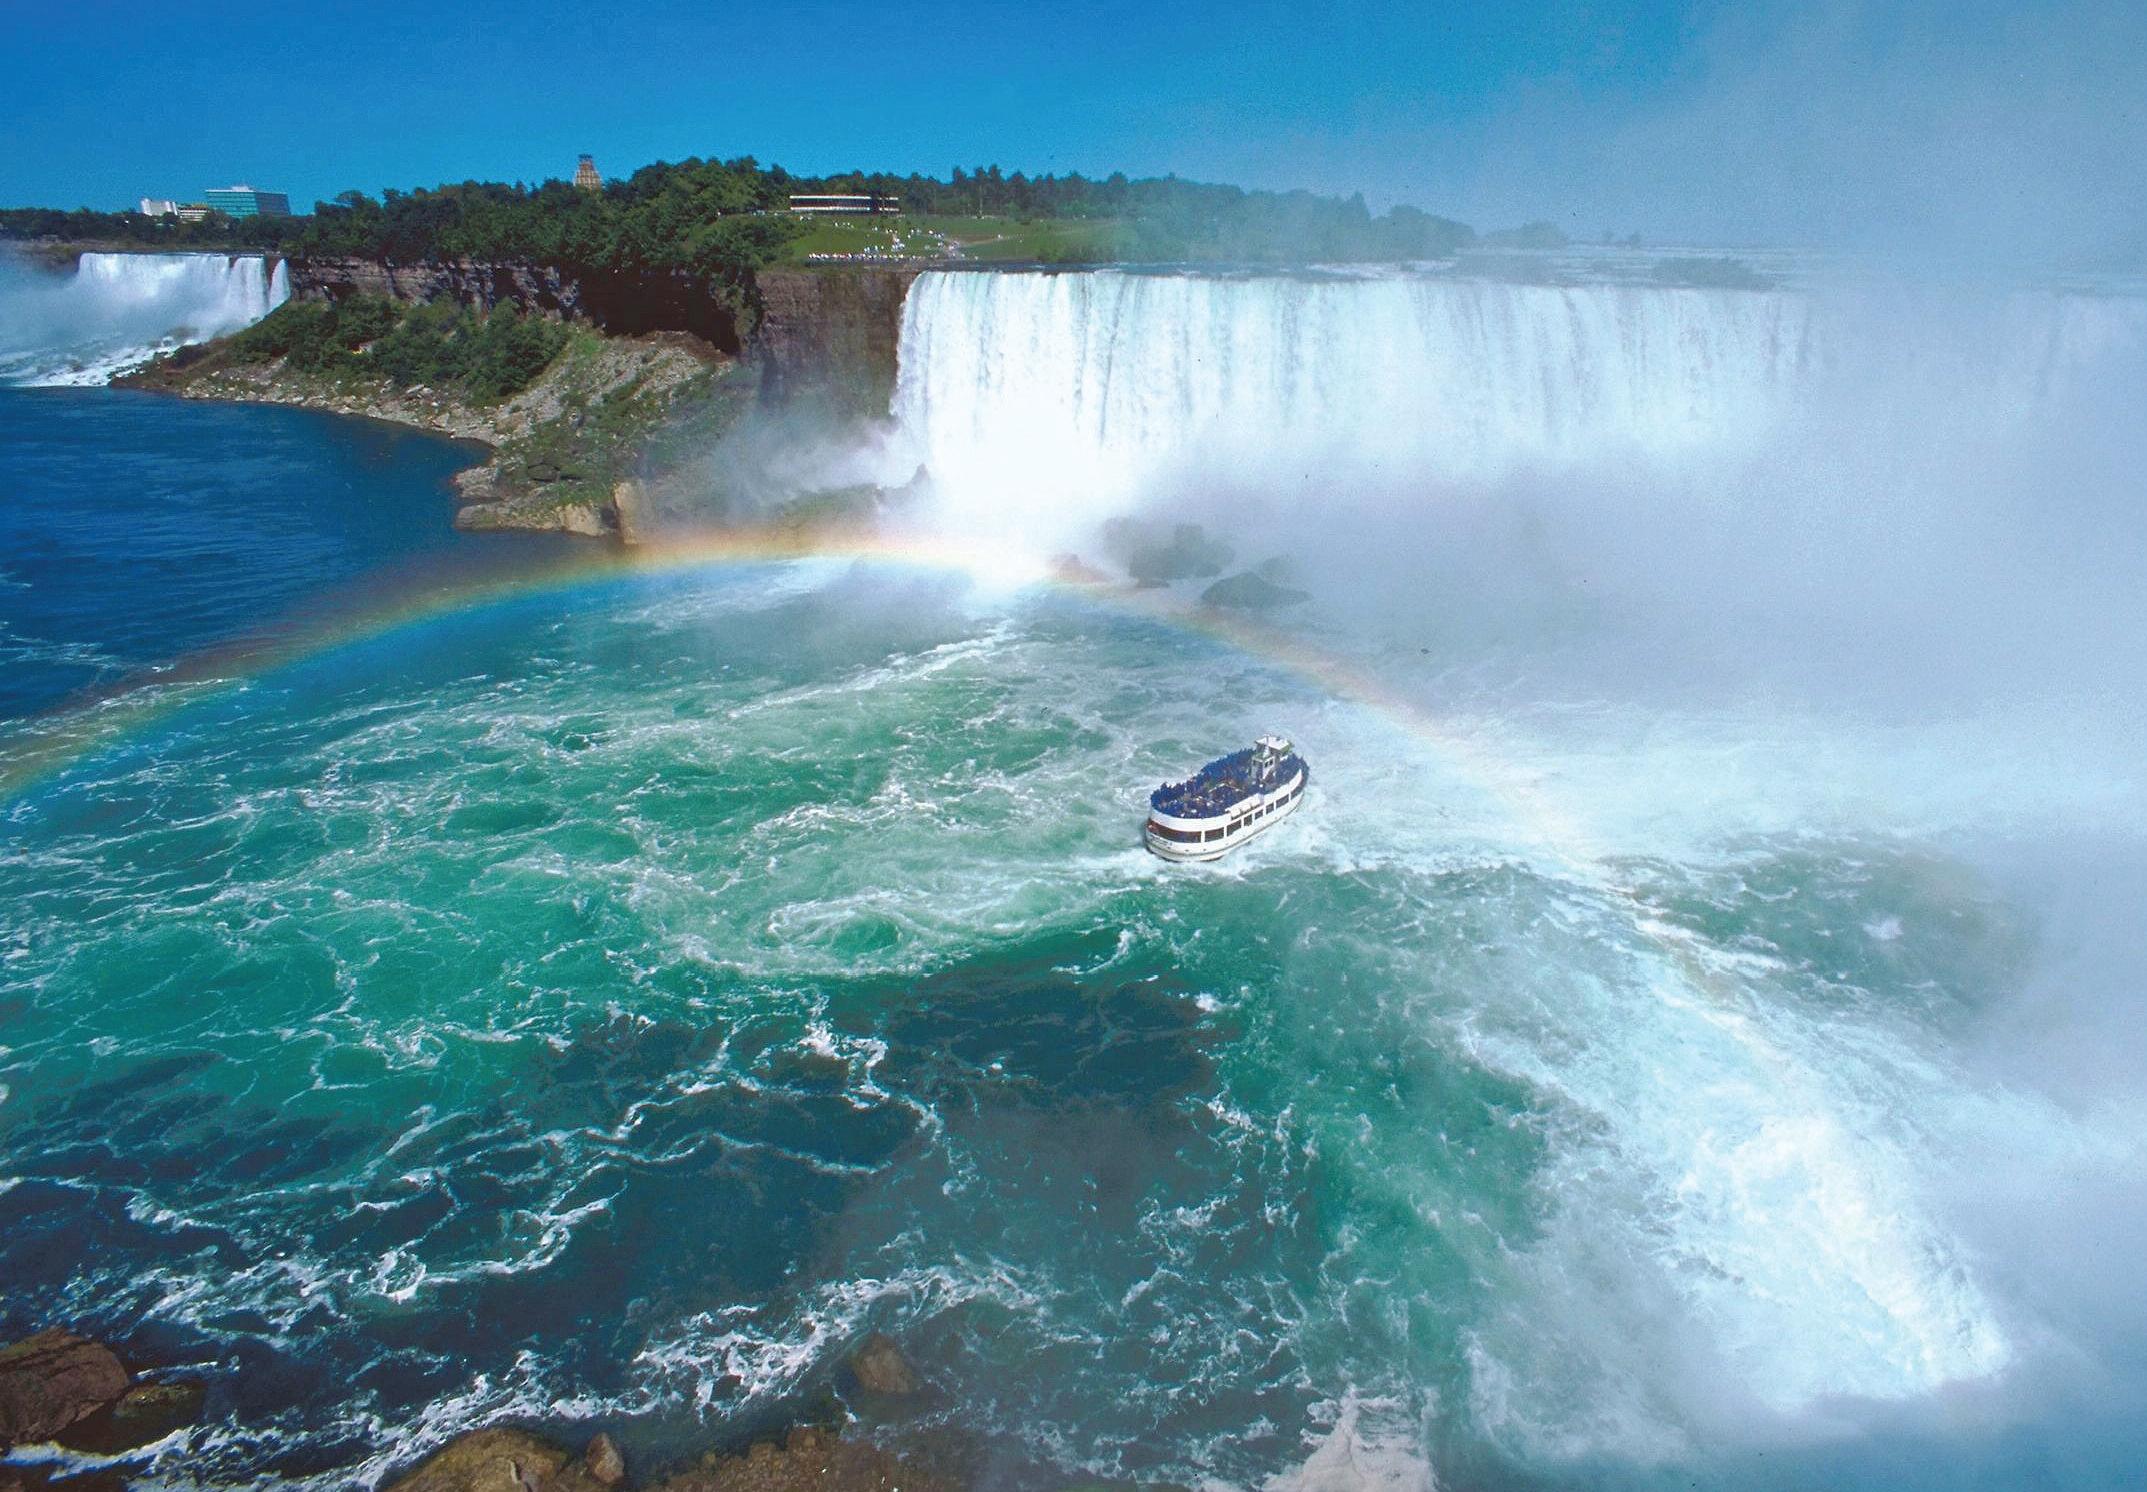 Niagarské vodopády - jedna z nejnavštěvovanějších přírodních atrakcí Ameriky.